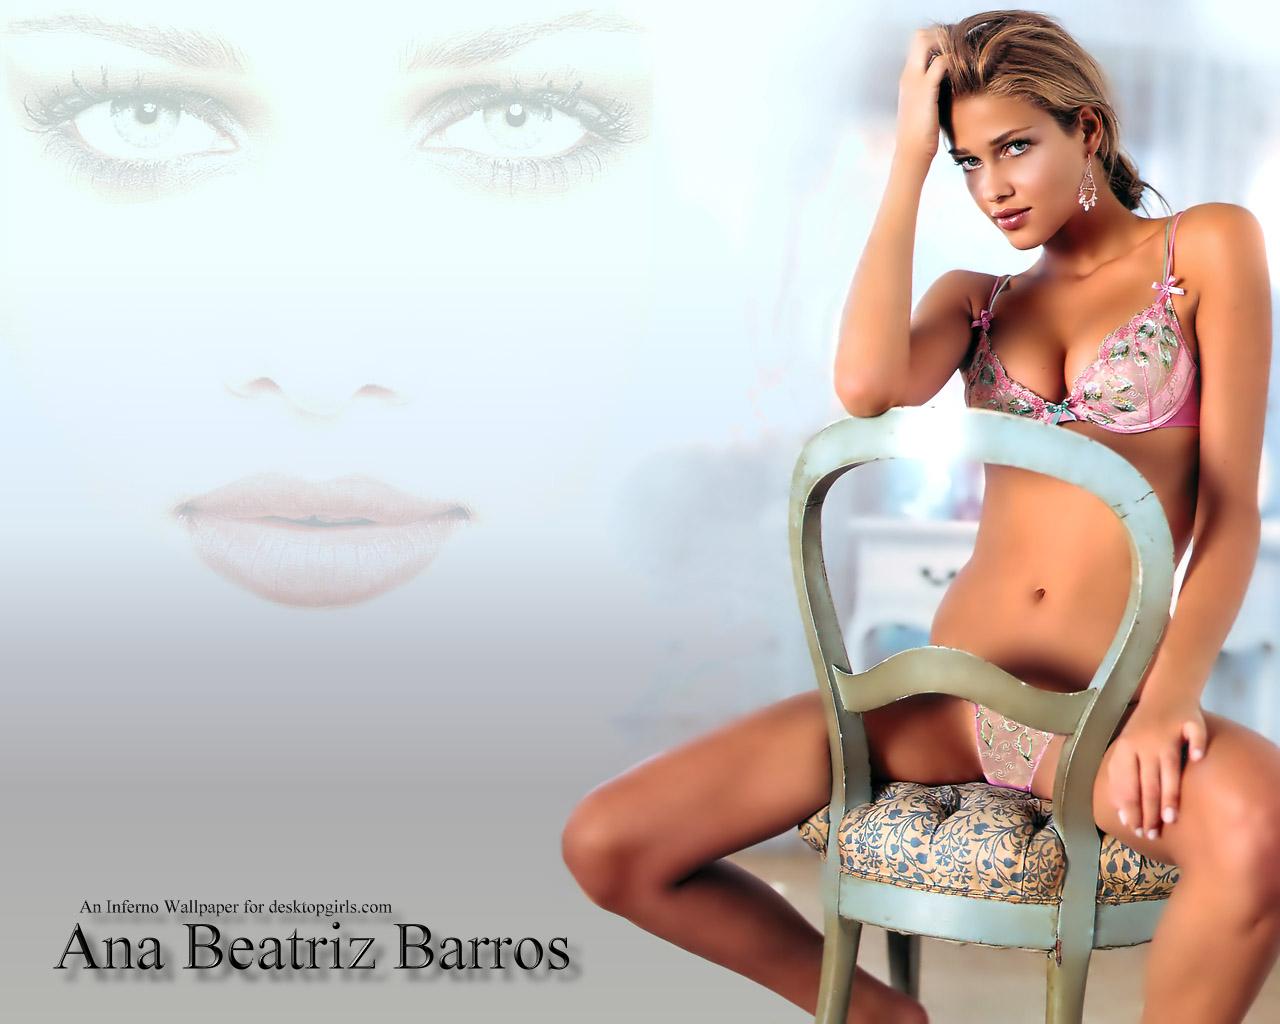 http://2.bp.blogspot.com/_MB7mMA64Mfk/TBFzZqcEFUI/AAAAAAAAAEI/pscZVgn_TWE/s1600/Ana_Beatriz_Barros_323200524913PM340.jpg